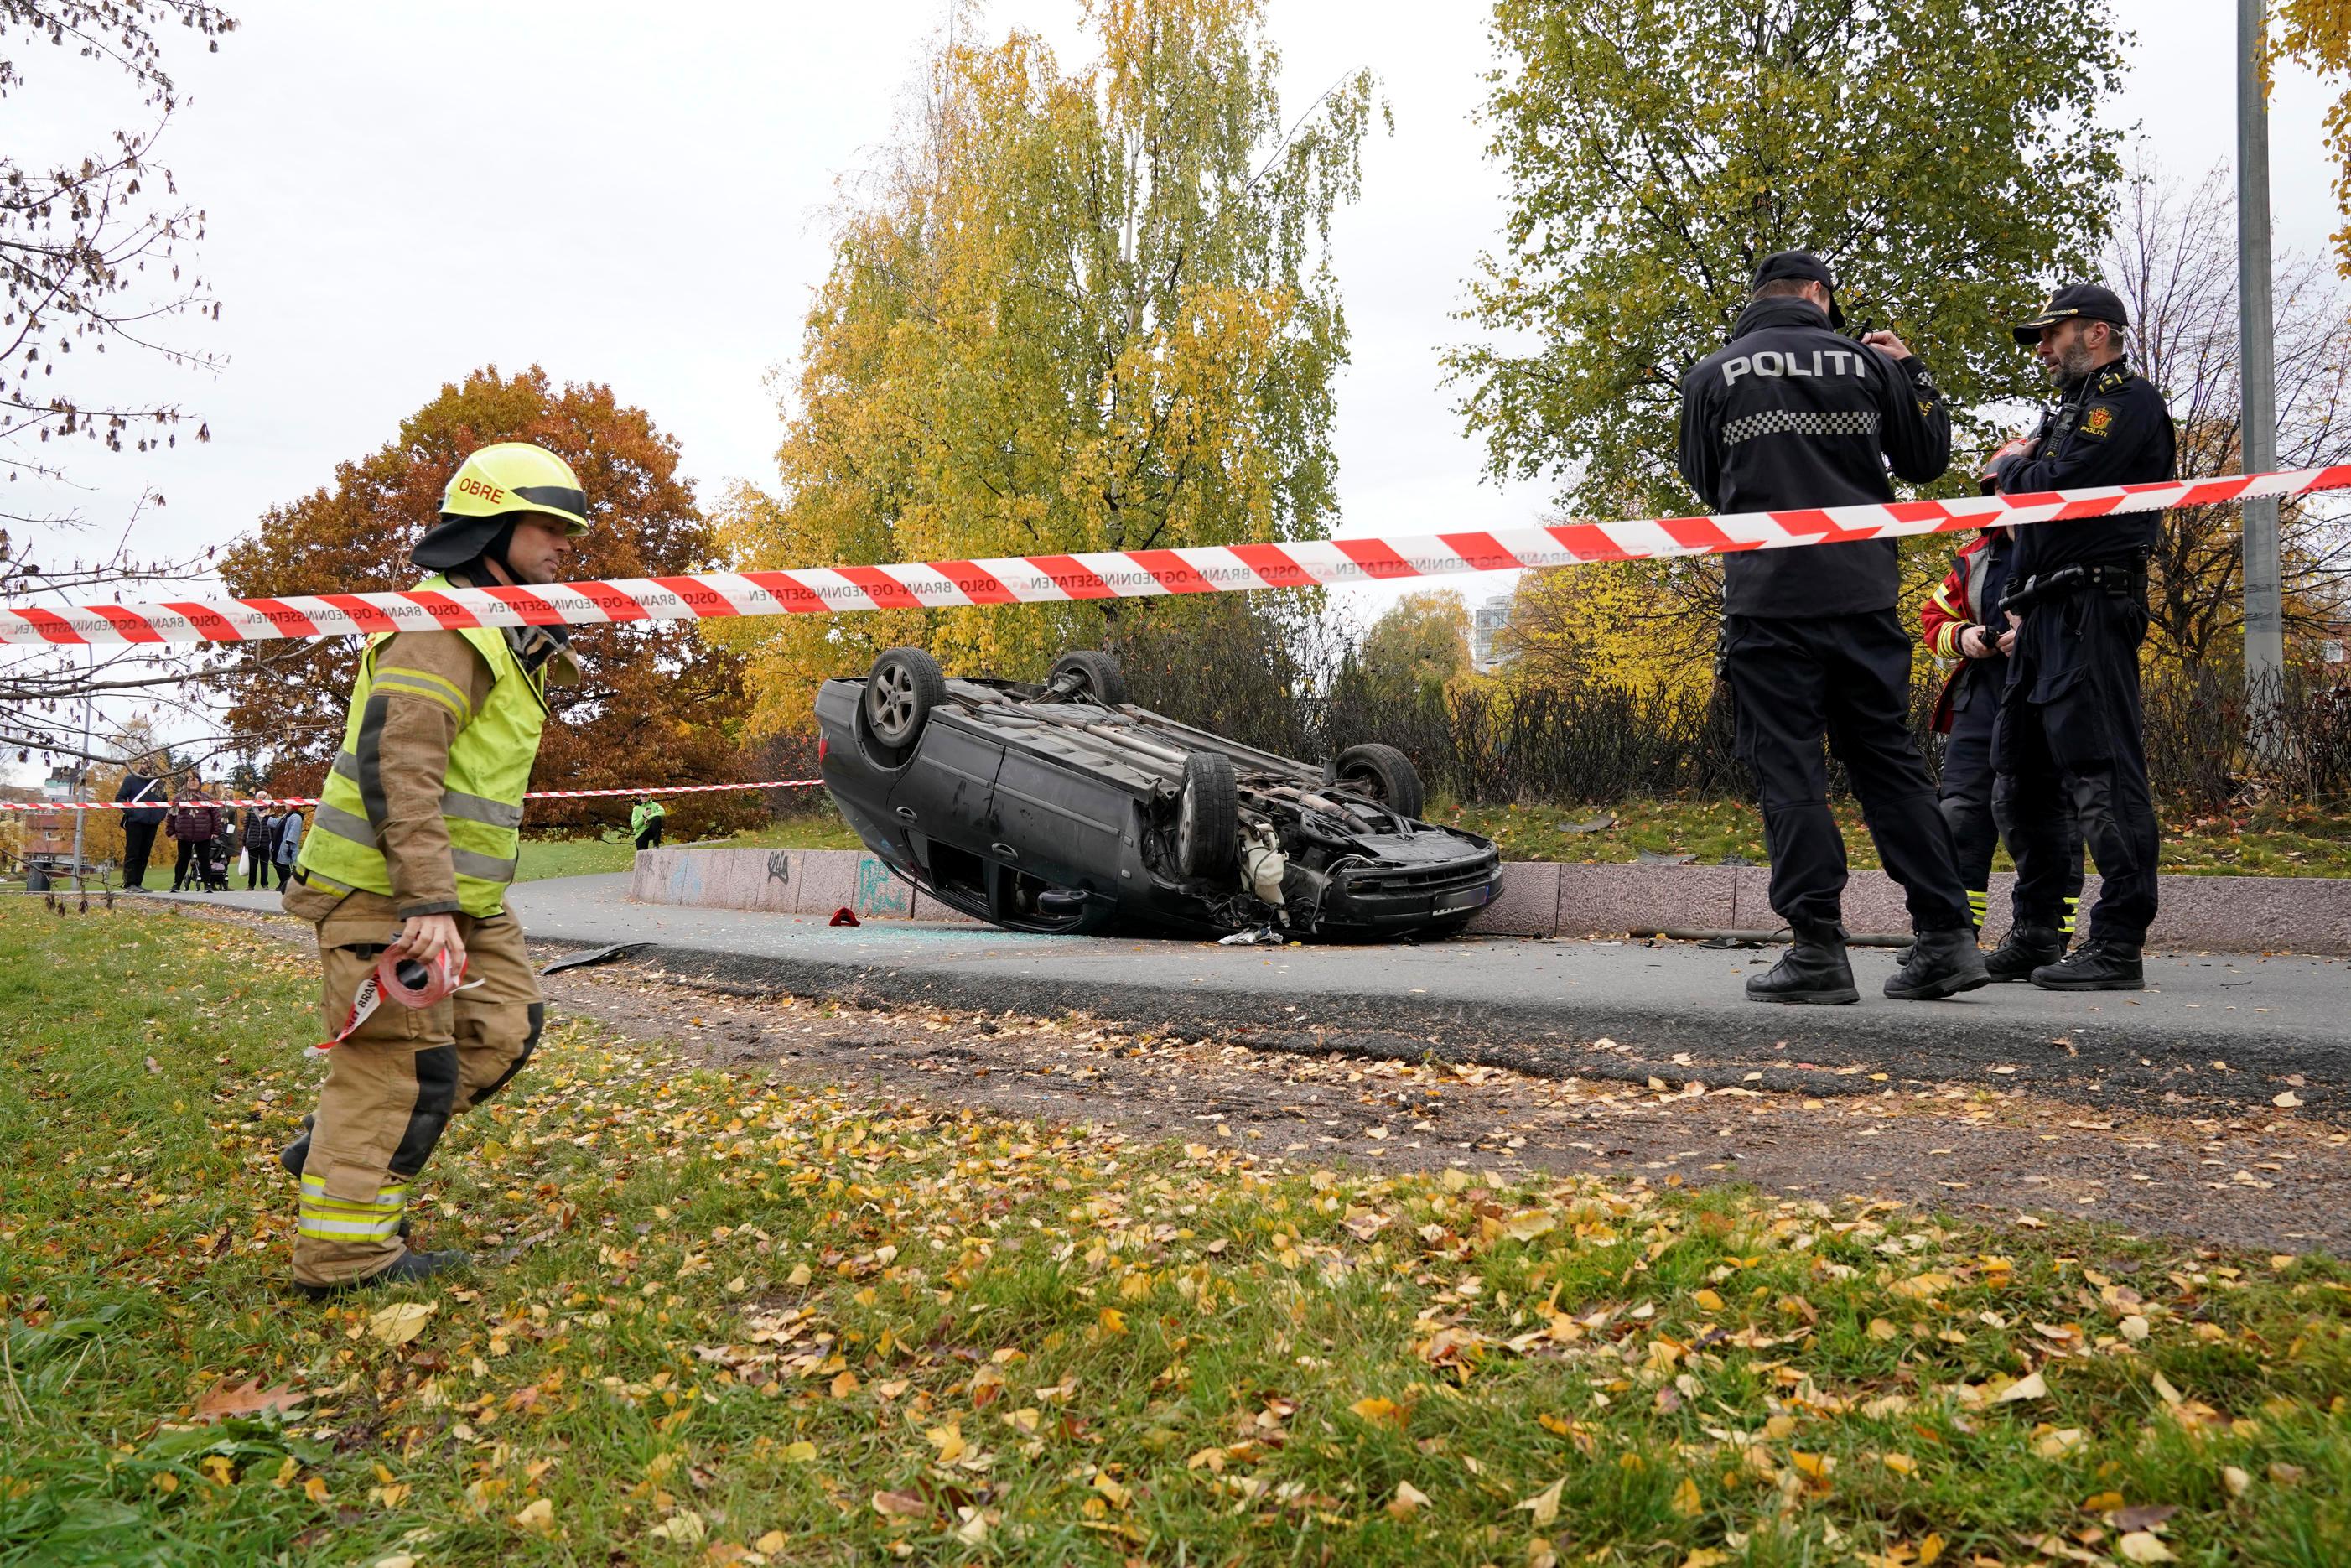 سيارة مقلوبة بعد اصطدام سيارة الإسعاف المسروقة بها في أوسلو